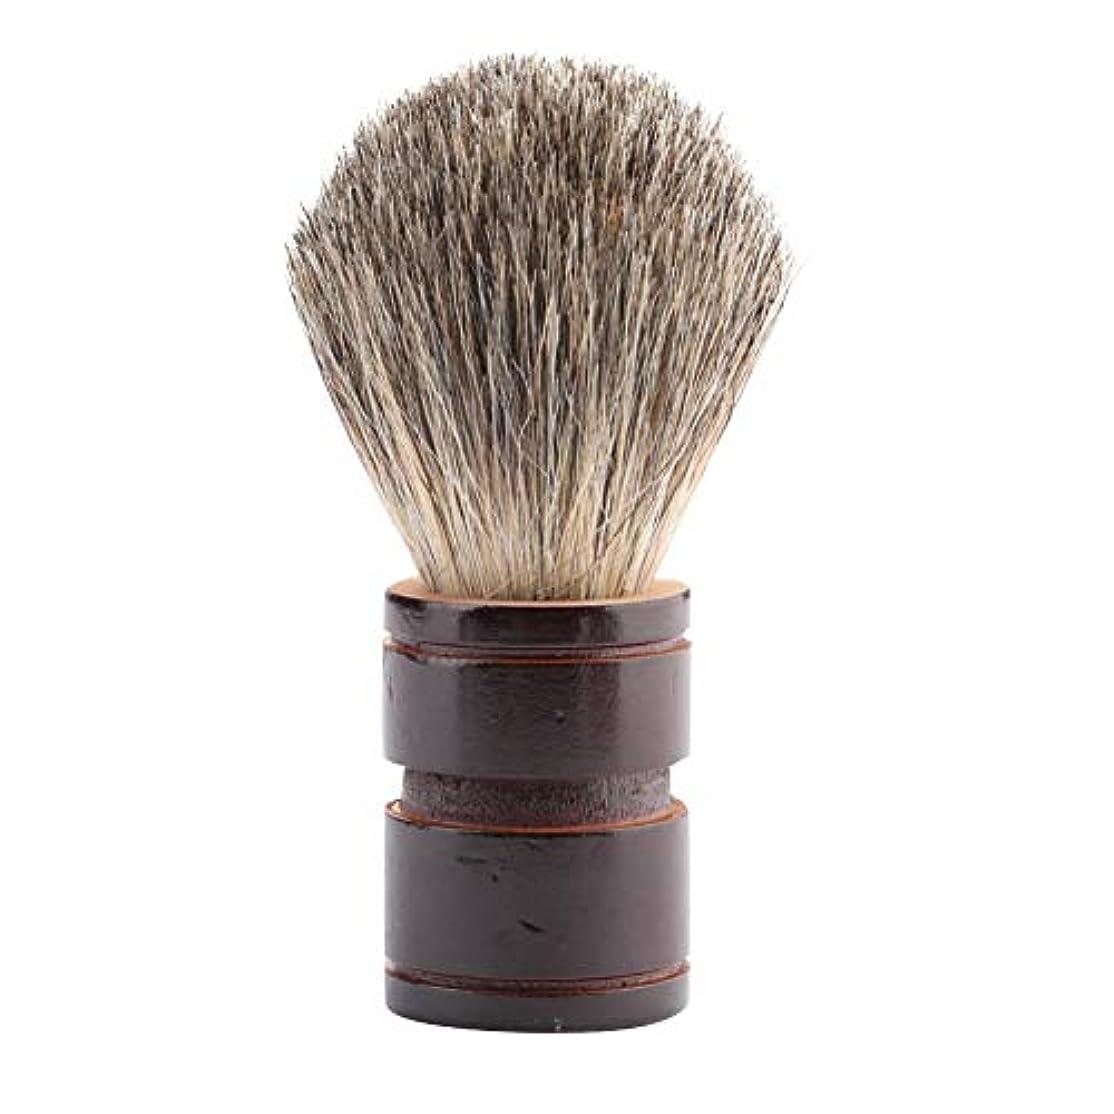 みすぼらしい画家カレンダーひげブラシ、2色オプションのポータブルプレミアム品質ブラシ男性のためのひげのケアツール美容院と家庭用缶(ヘム+ミックスロード)